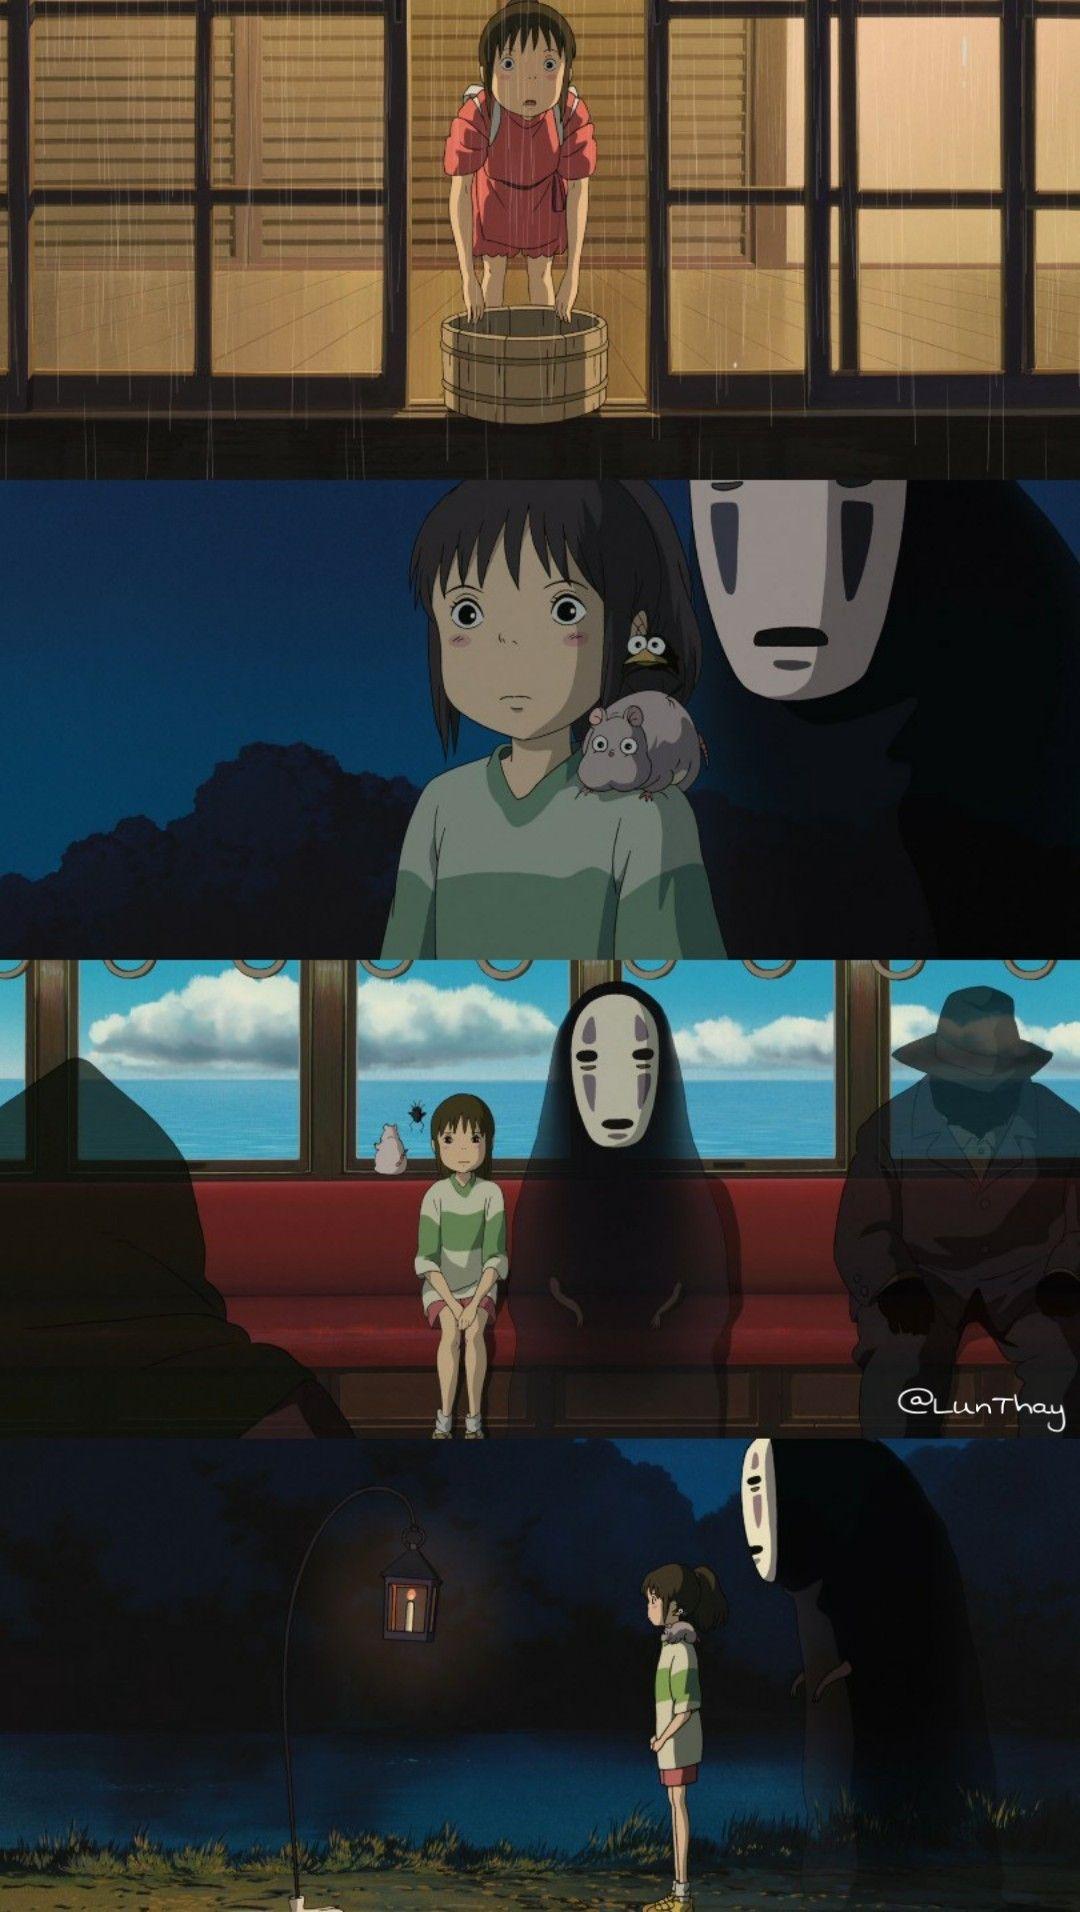 Pin De Babeygirl Em Anime Em 2020 A Viagem De Chihiro A